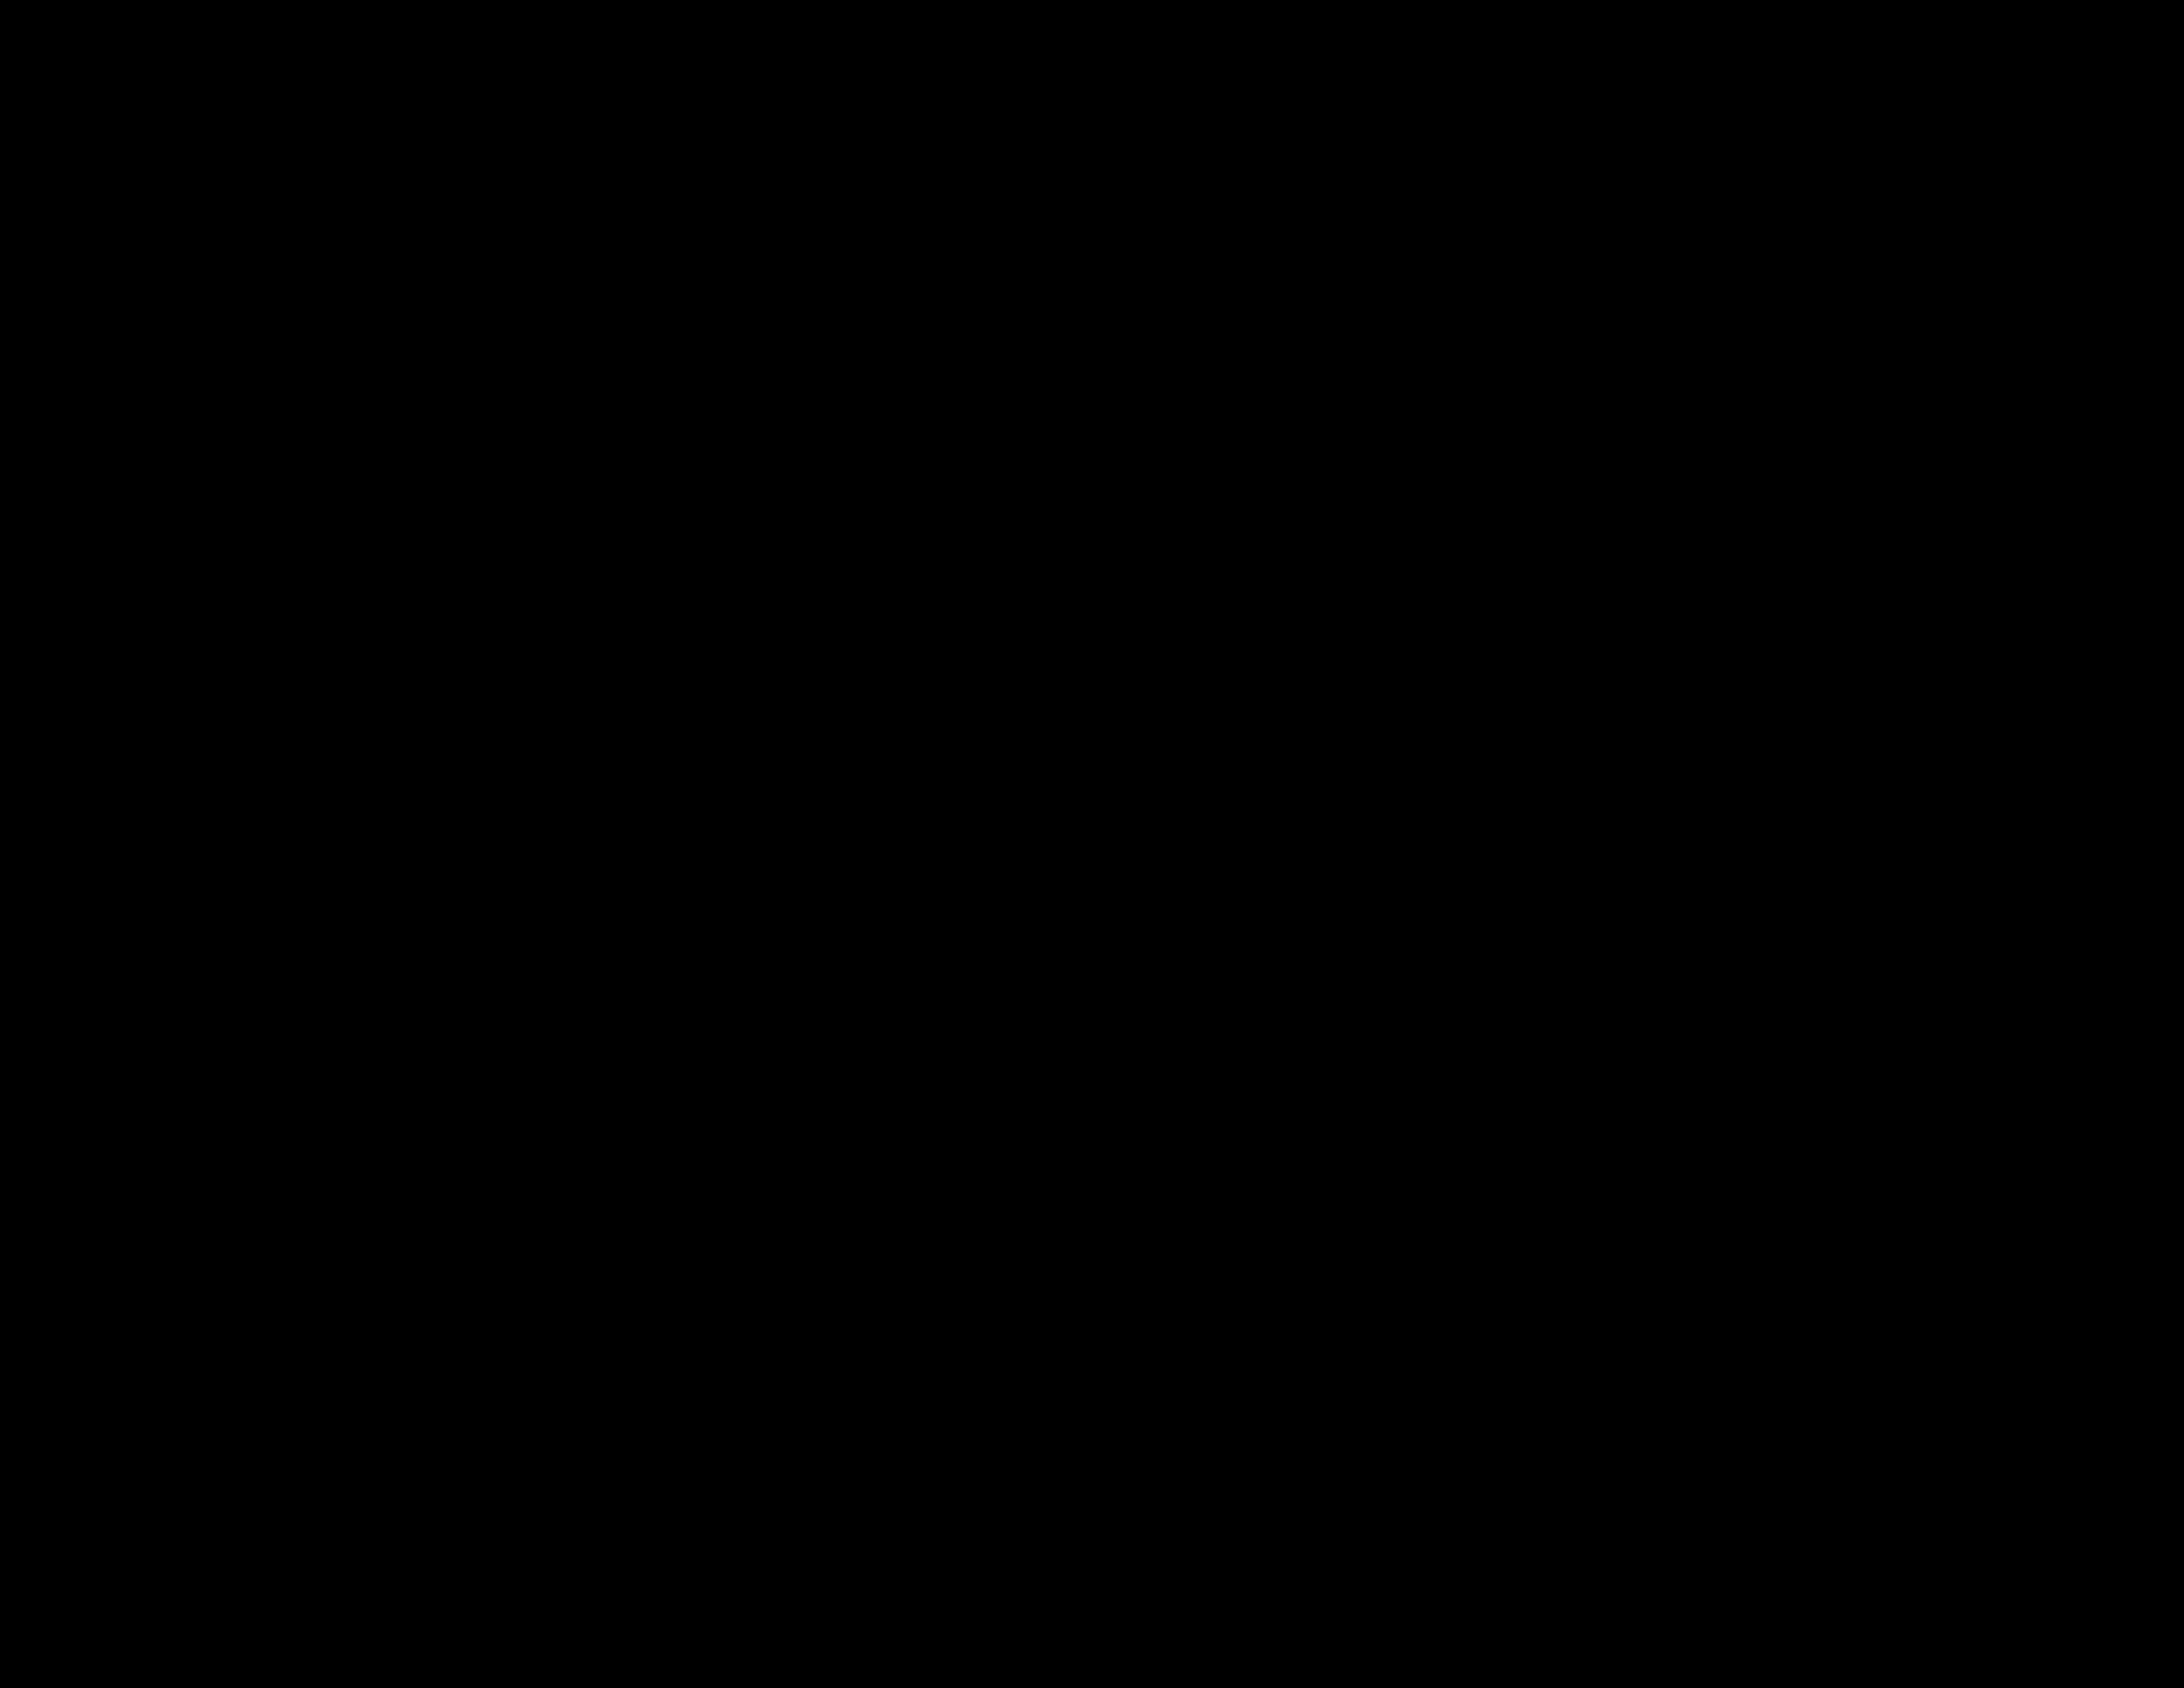 """MSR150 – 19"""" Wide Panel, 24 gauge, standard color"""